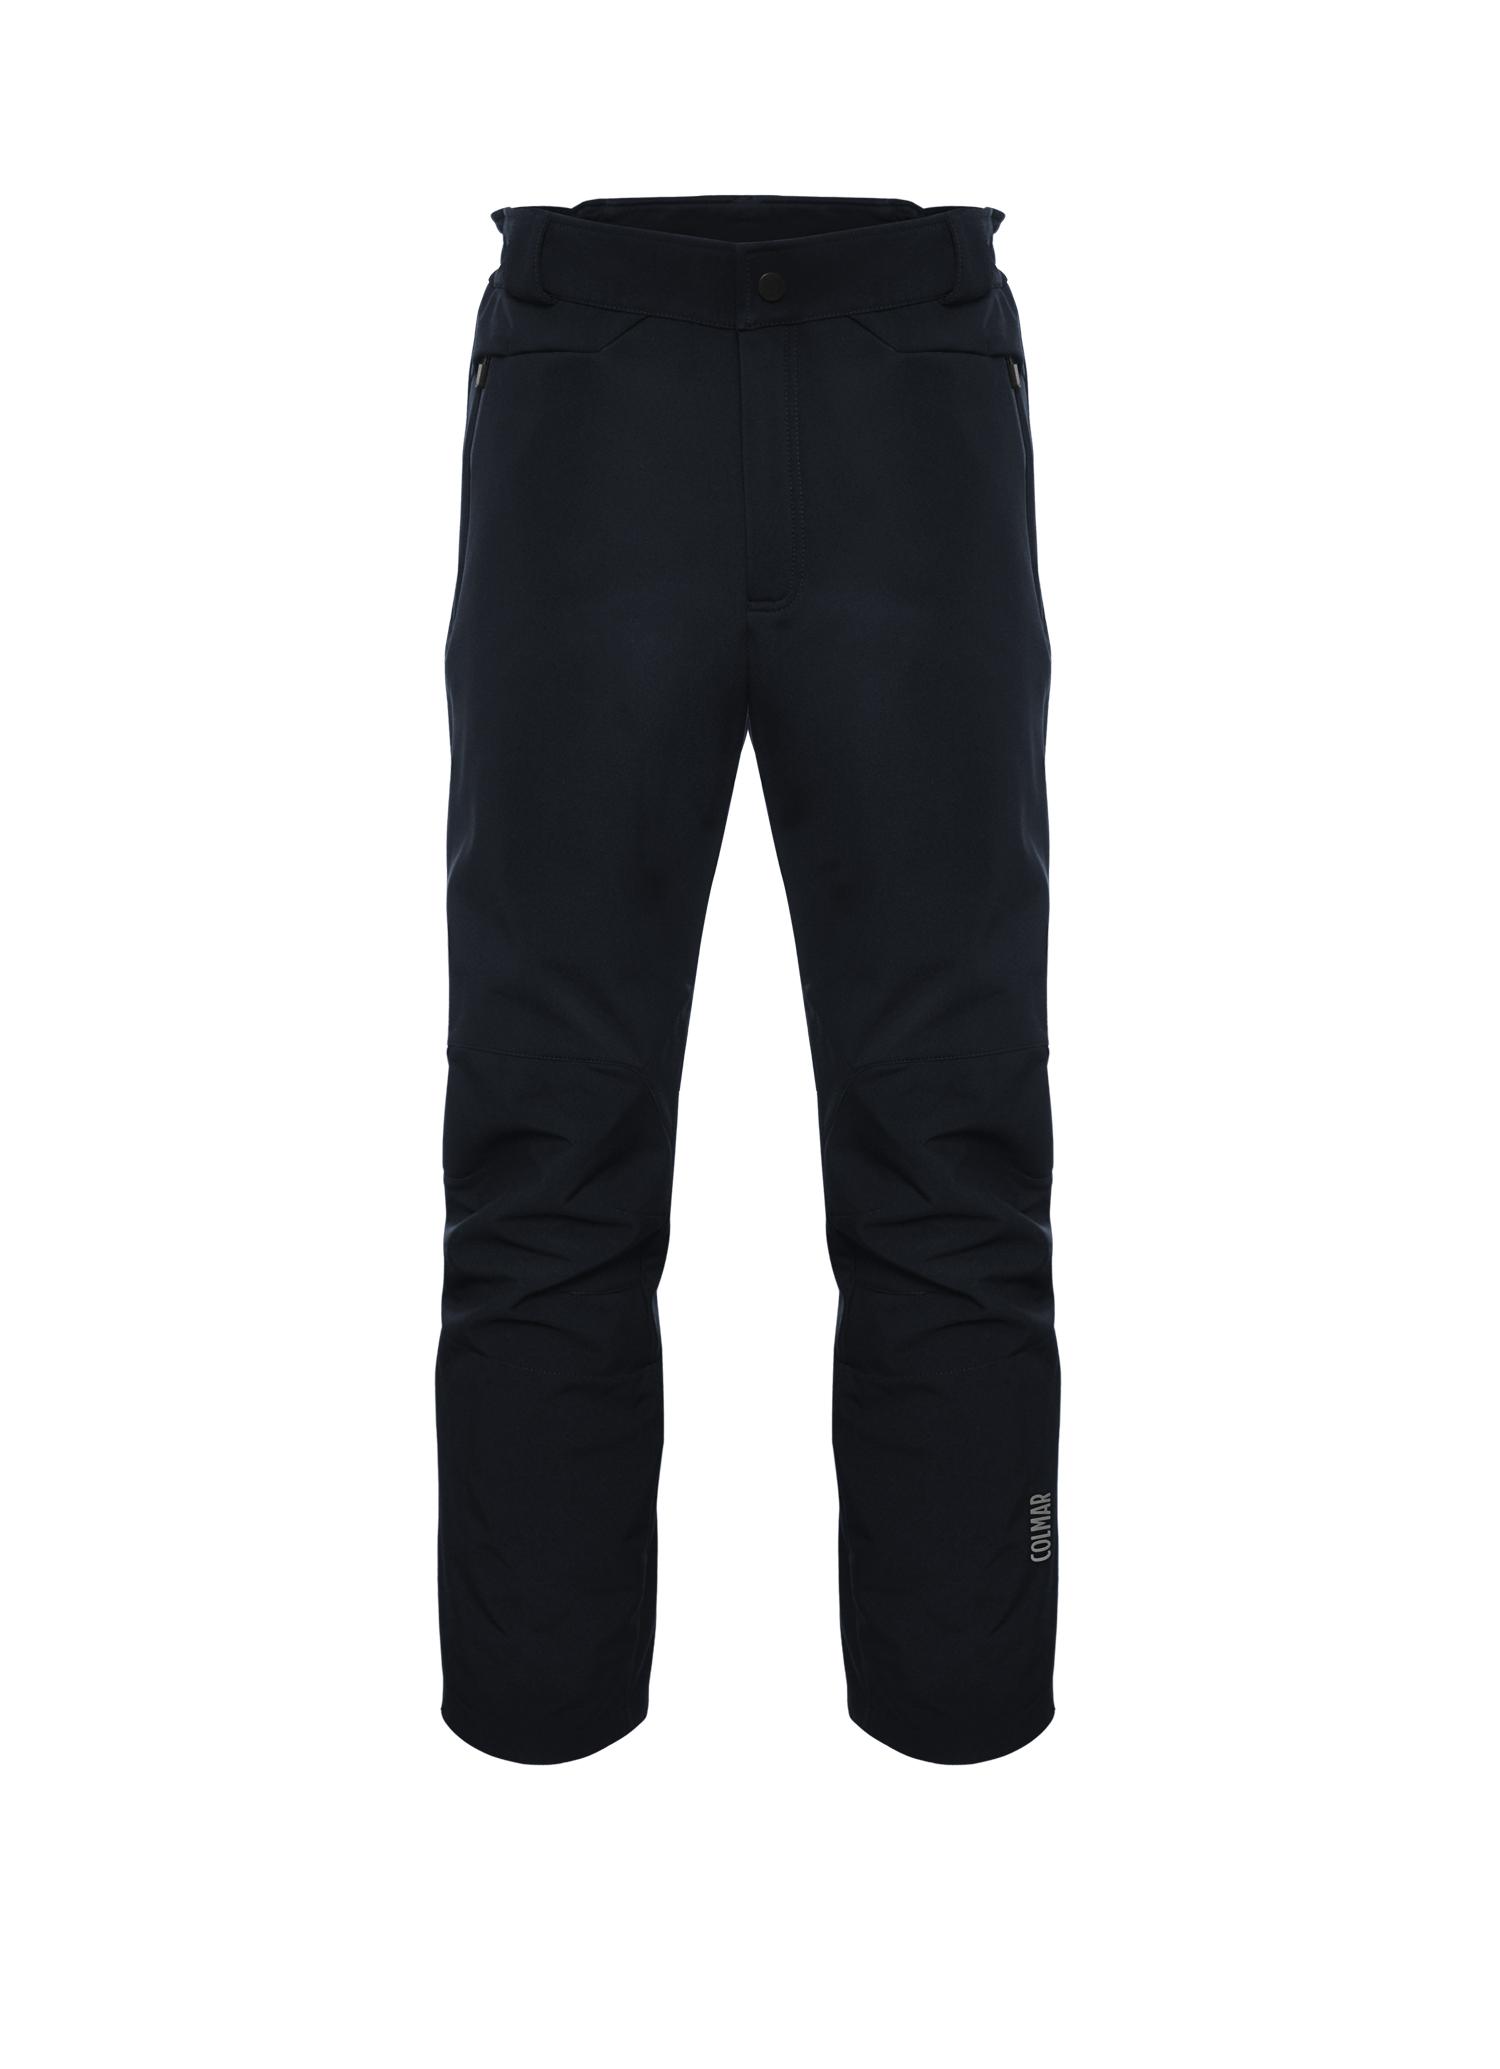 Kalhoty softshellové COLMAR 0166G Velikost: M